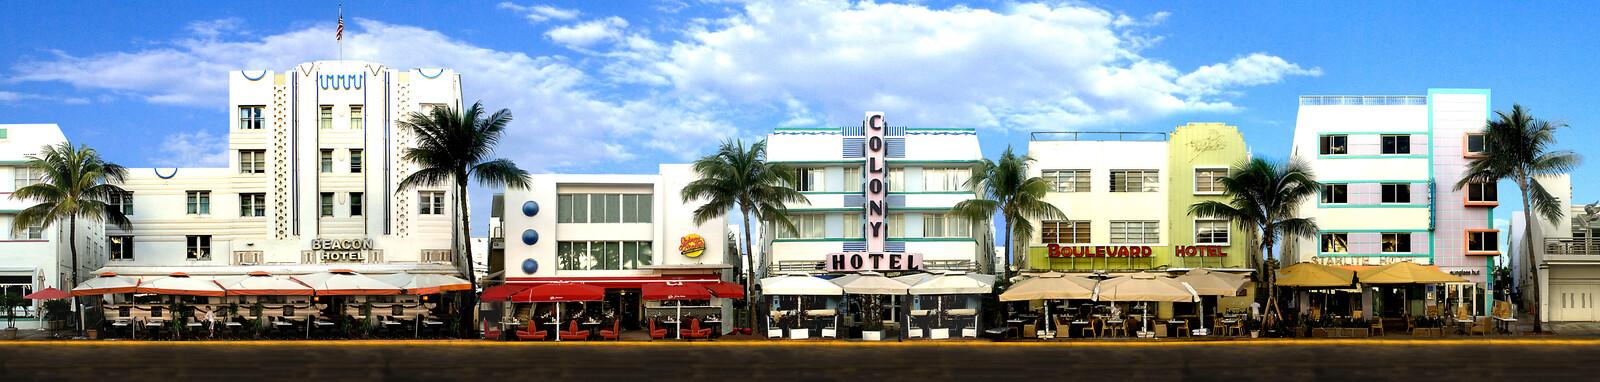 Miami Beach, Ocean Drive #2